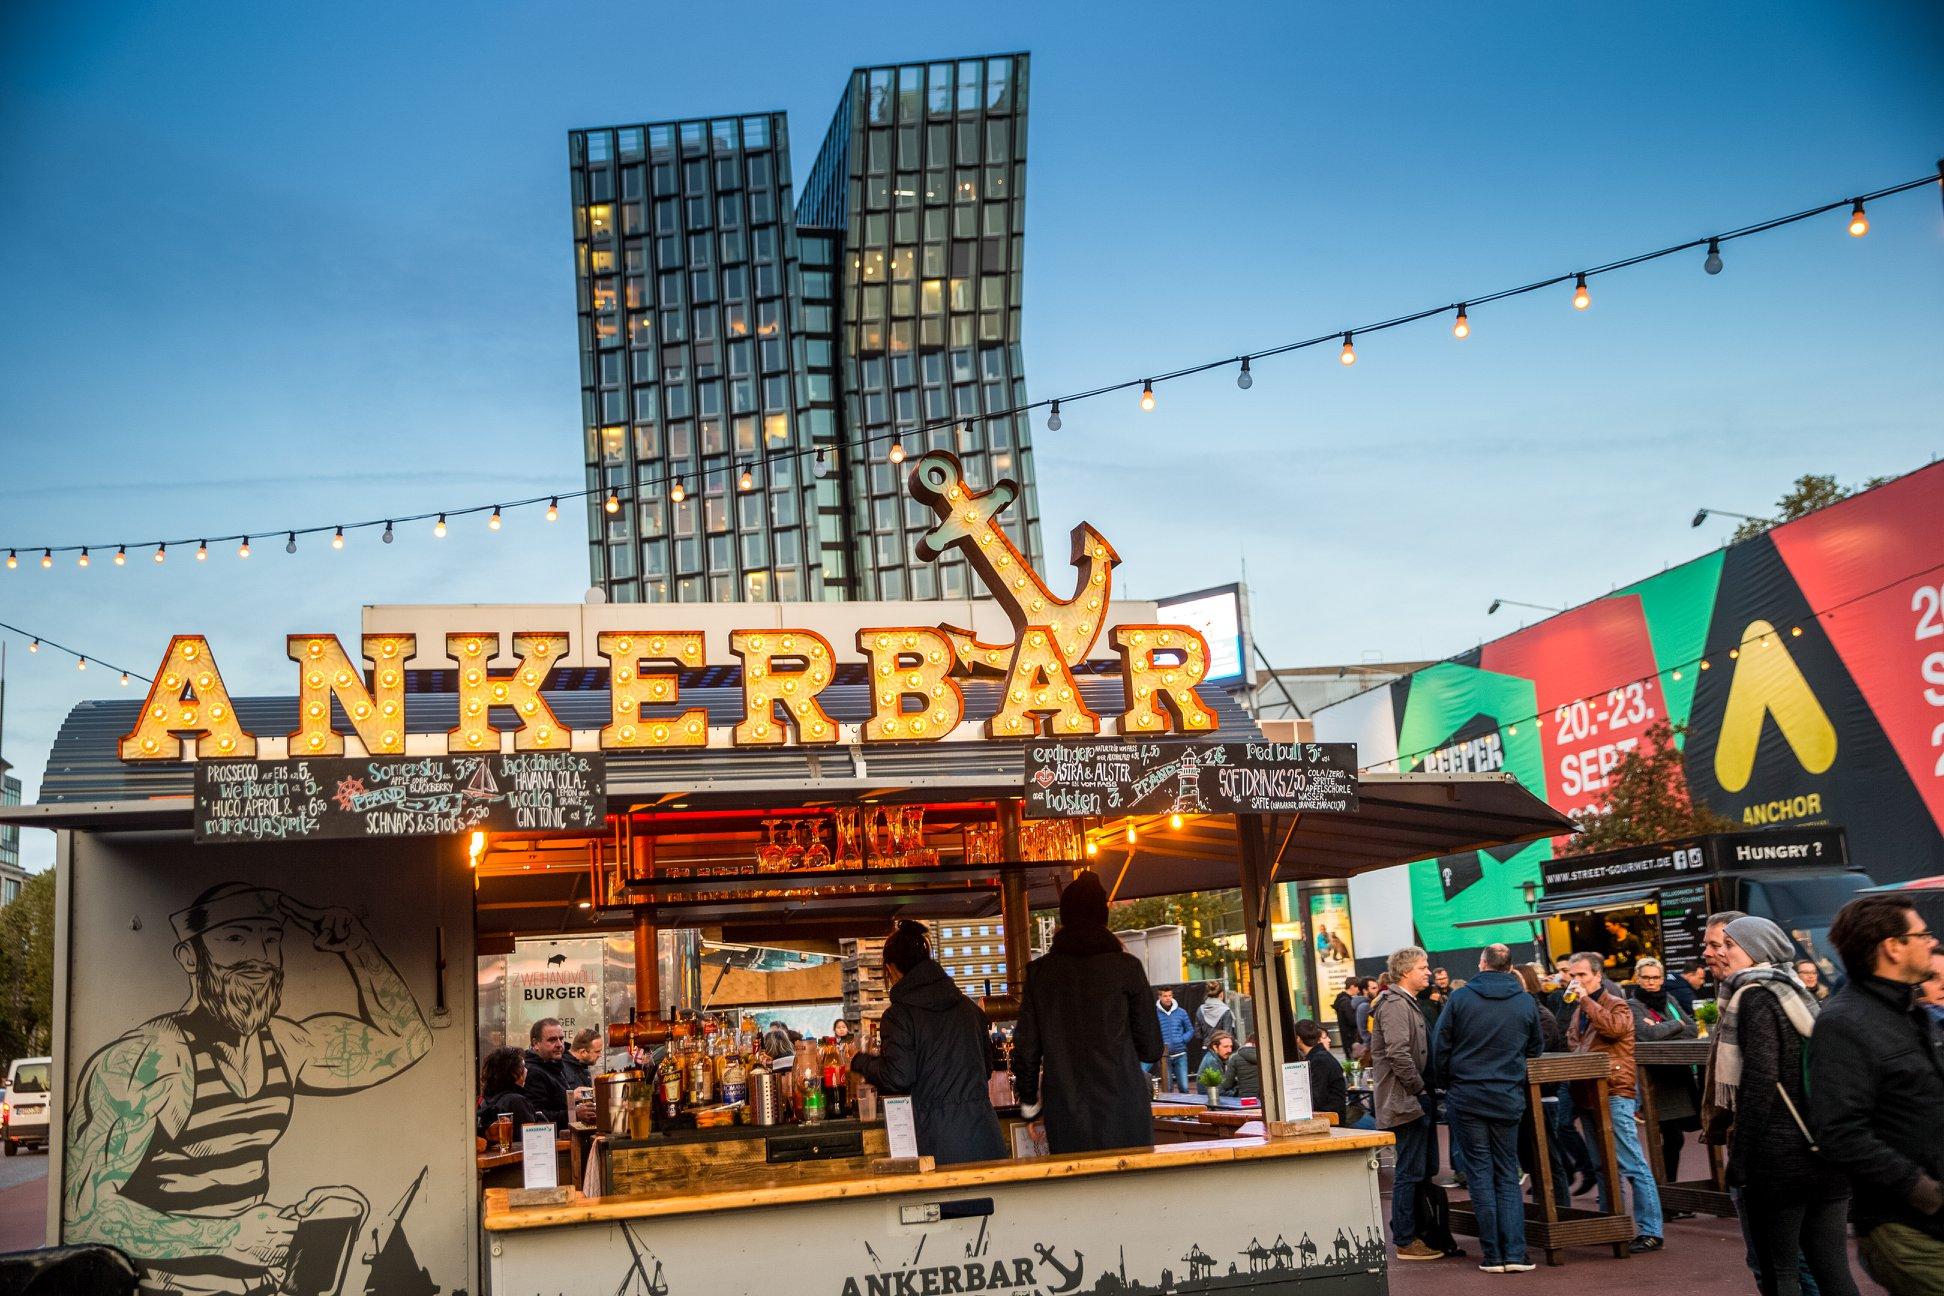 Der St. Pauli Nachtmarkt bietet Street Food, AfterWork & Hamburgs längste Tafel!